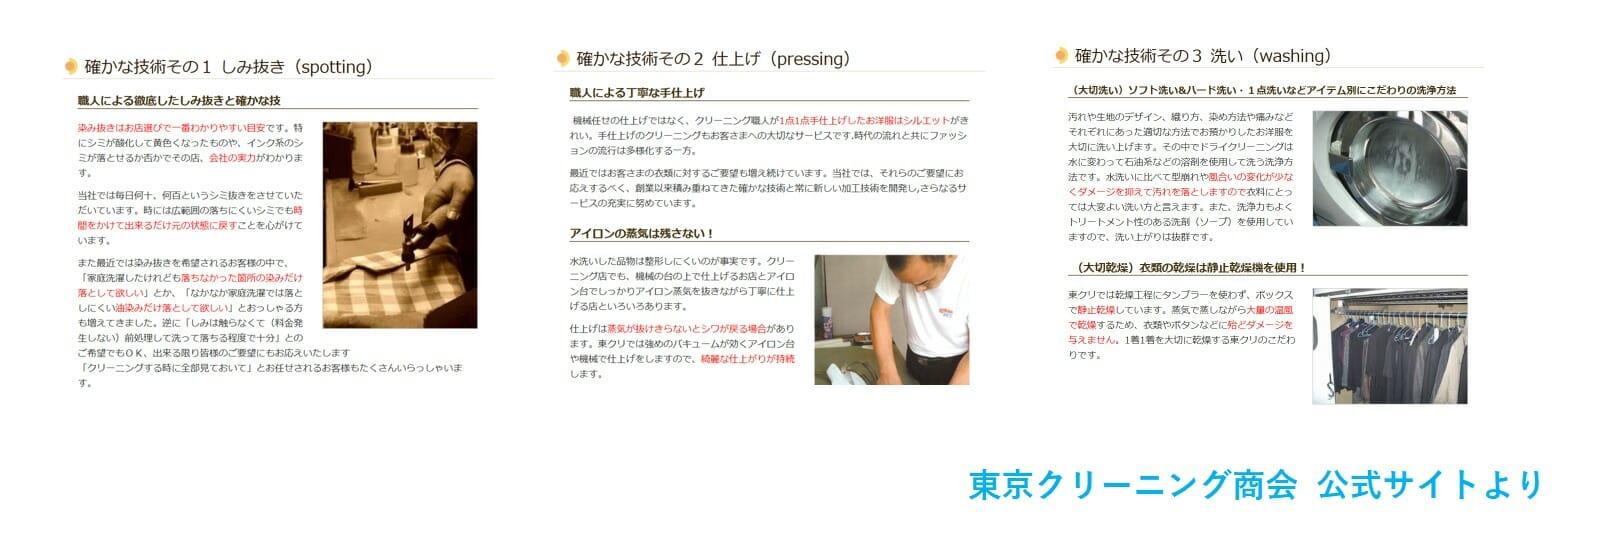 株式会社 東京クリーニング商会